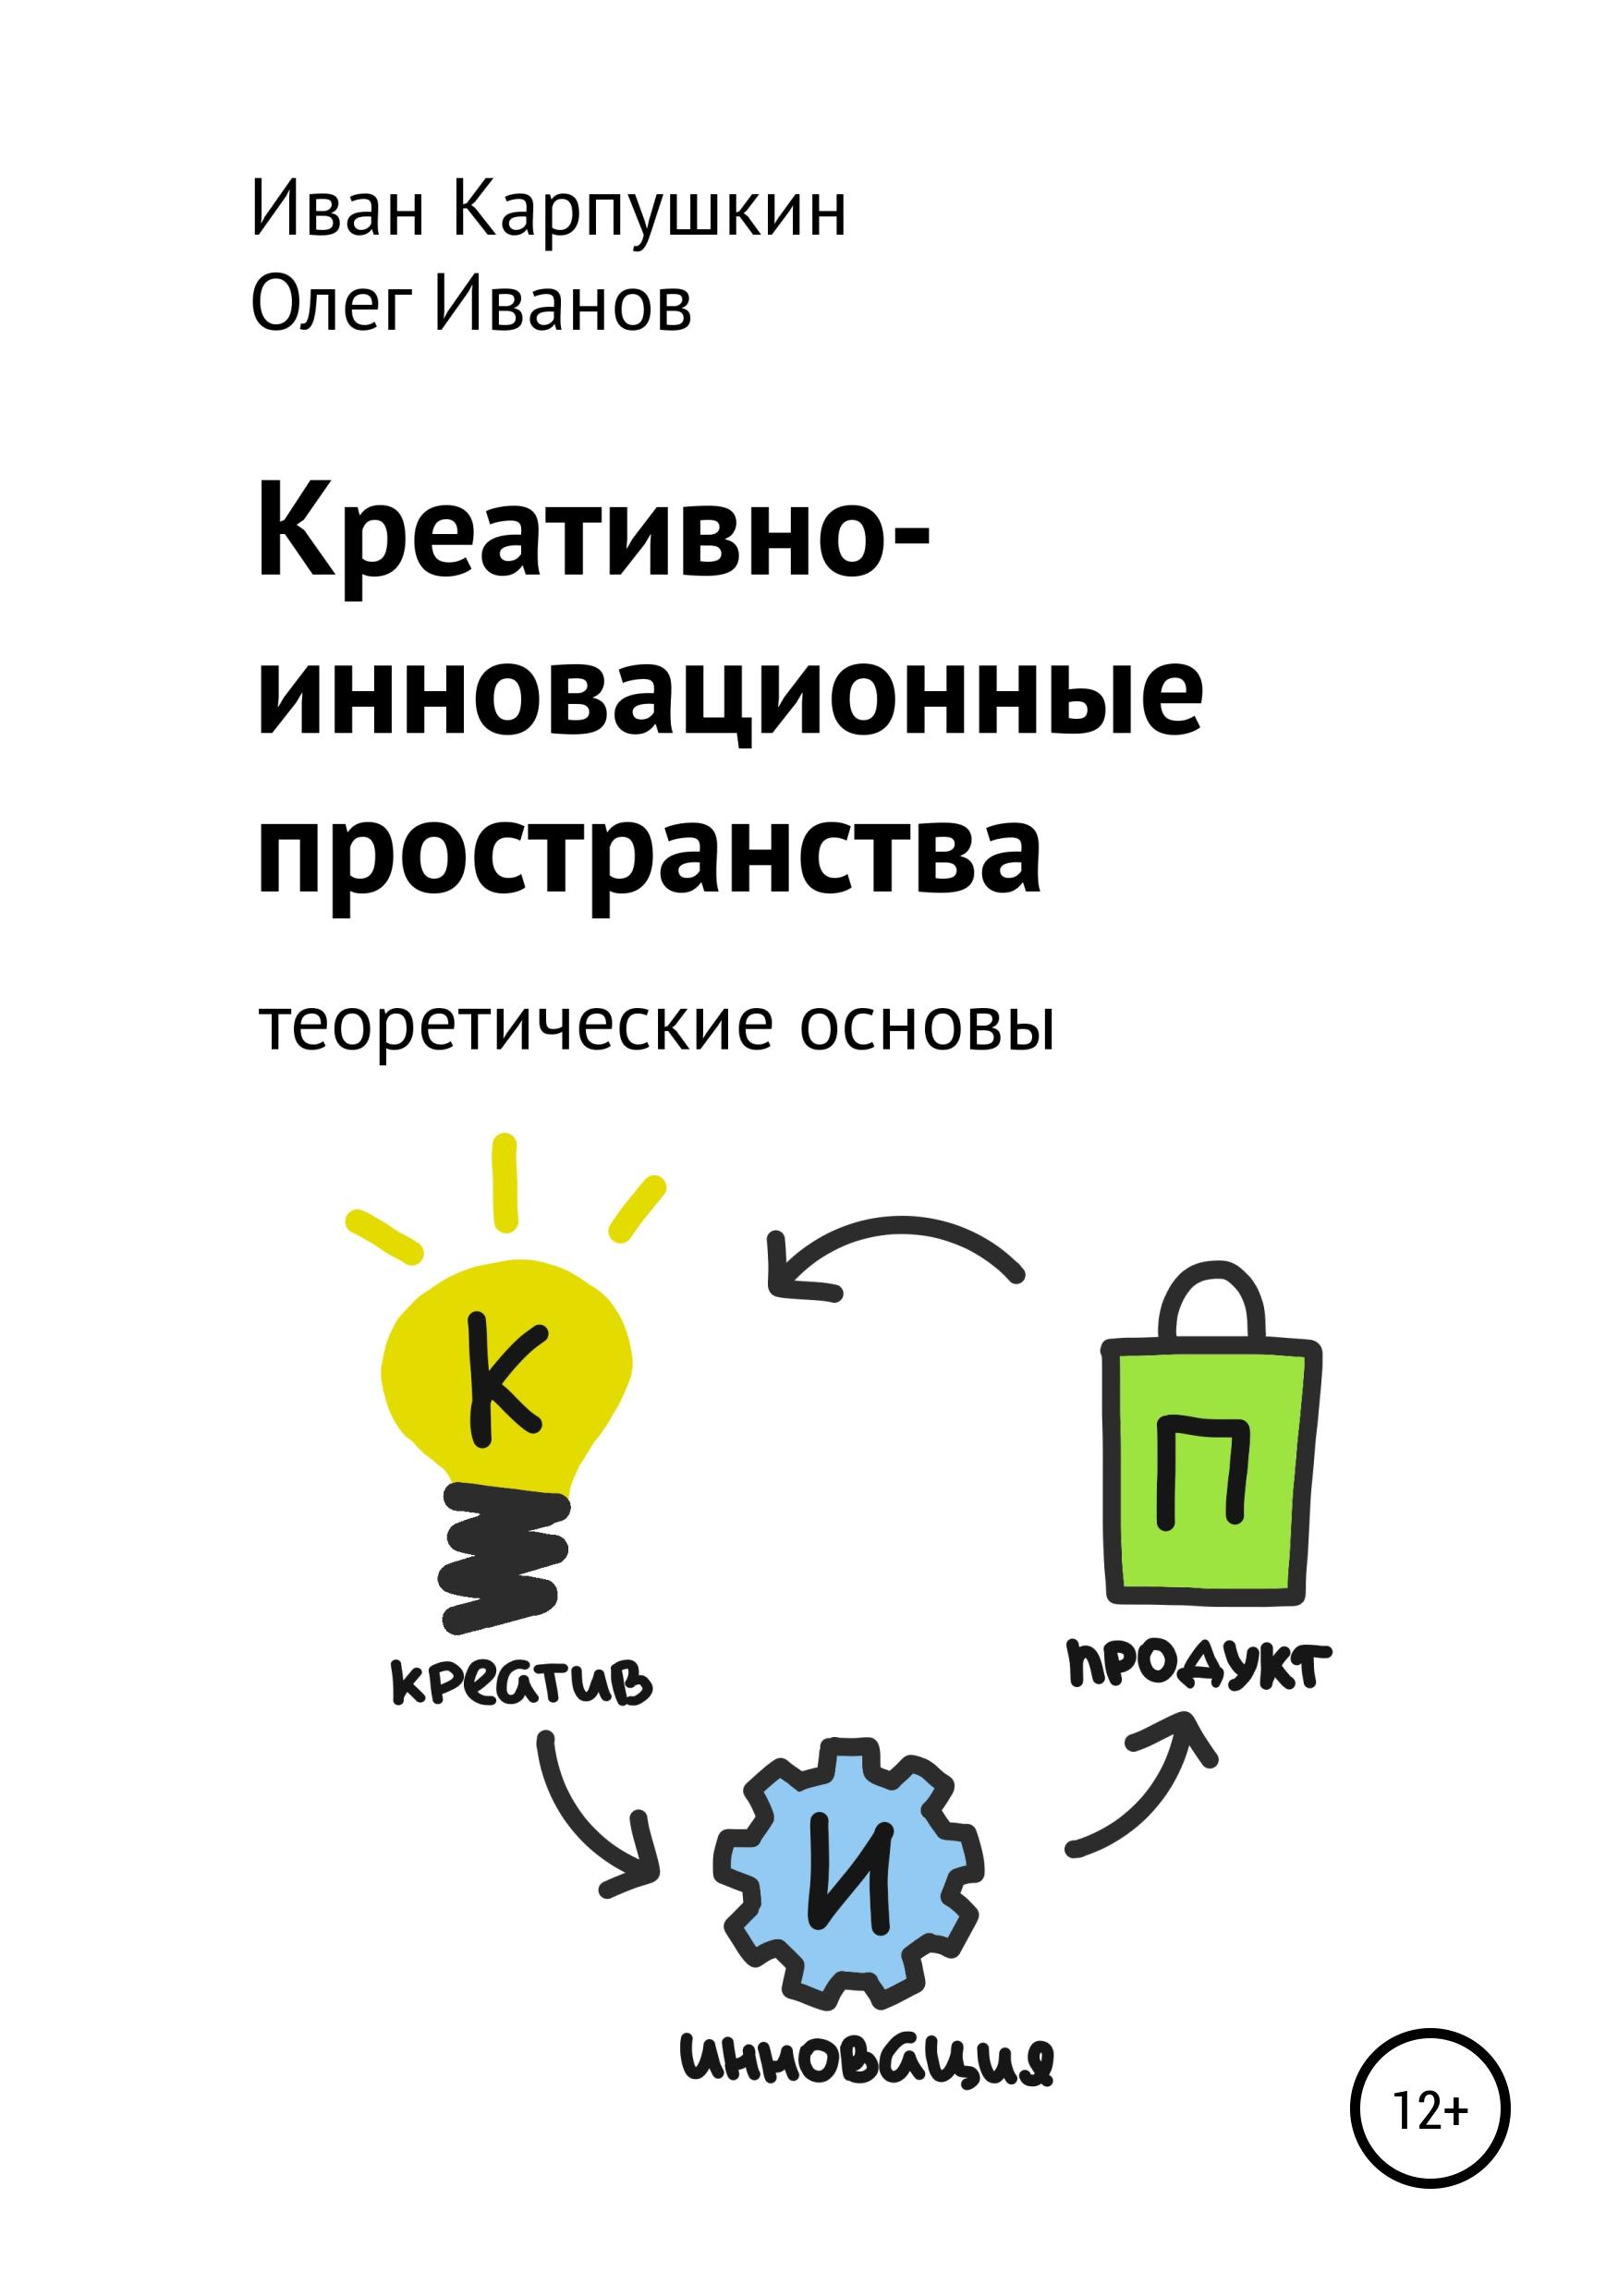 Иван Сергеевич Карпушкин Креативно-инновационные пространства: теоретические основы